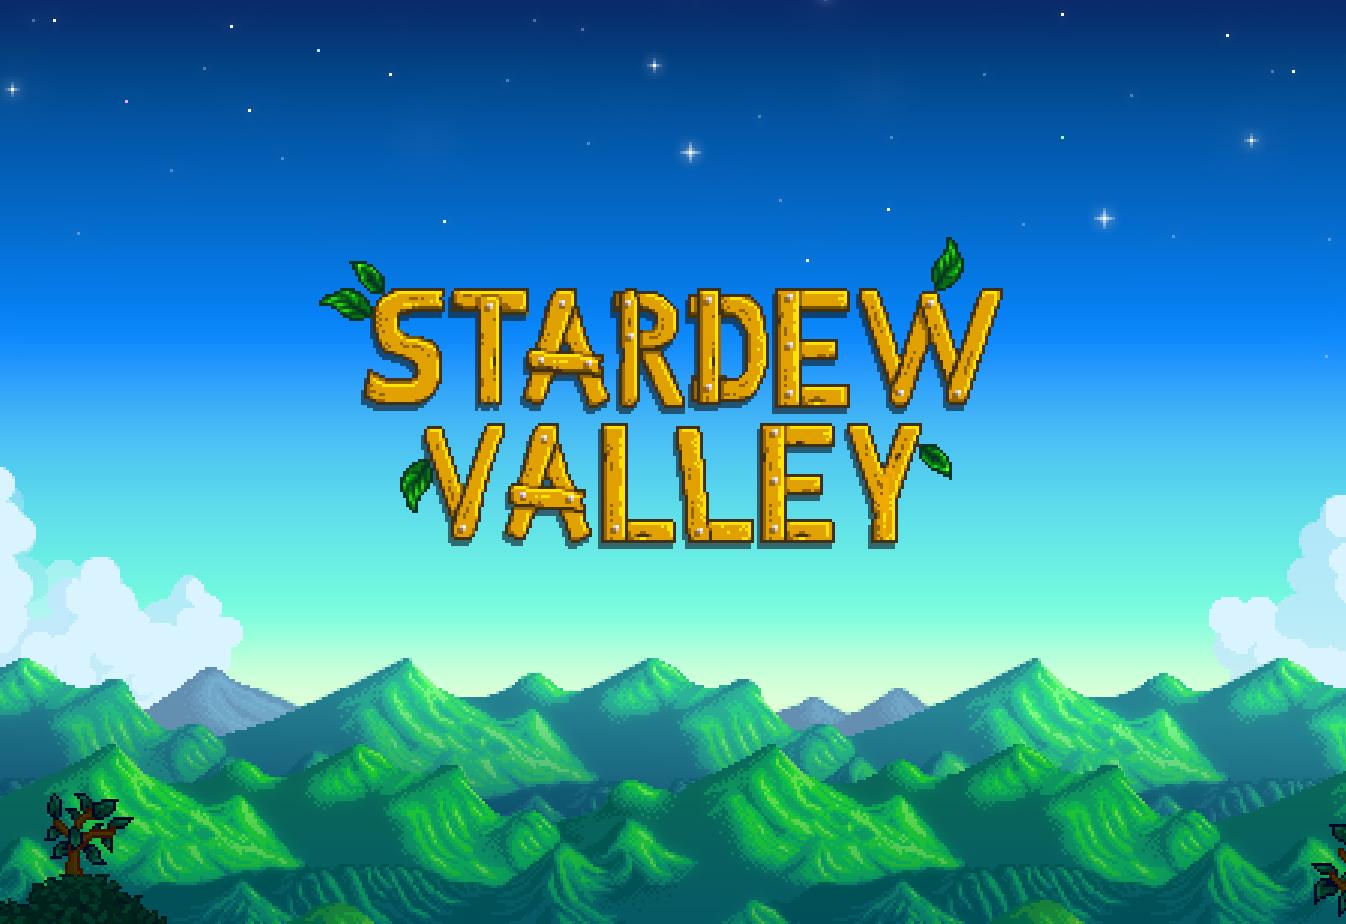 Stardew Valley Phone Wallpaper Wallskid